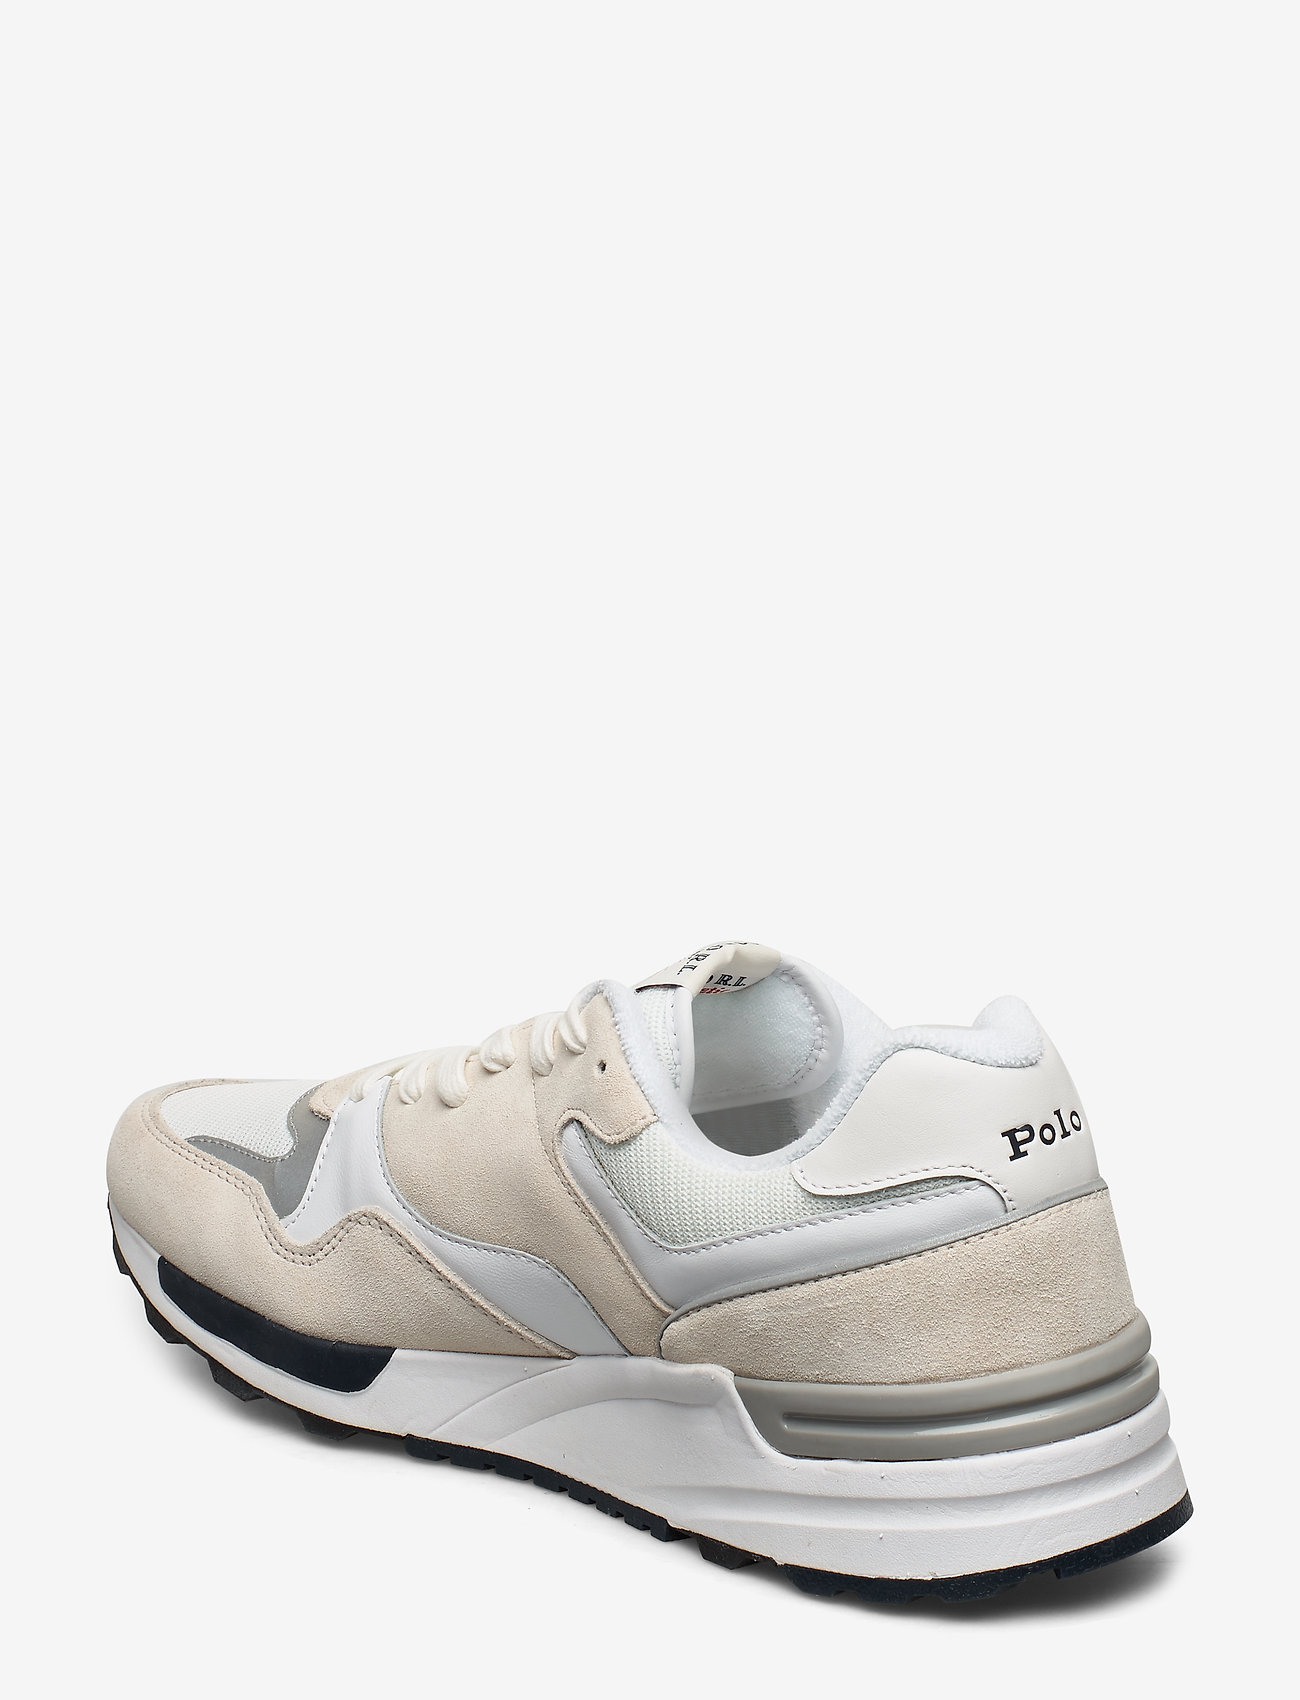 Trackster 100 Sneaker (White/navy Pp) - Polo Ralph Lauren